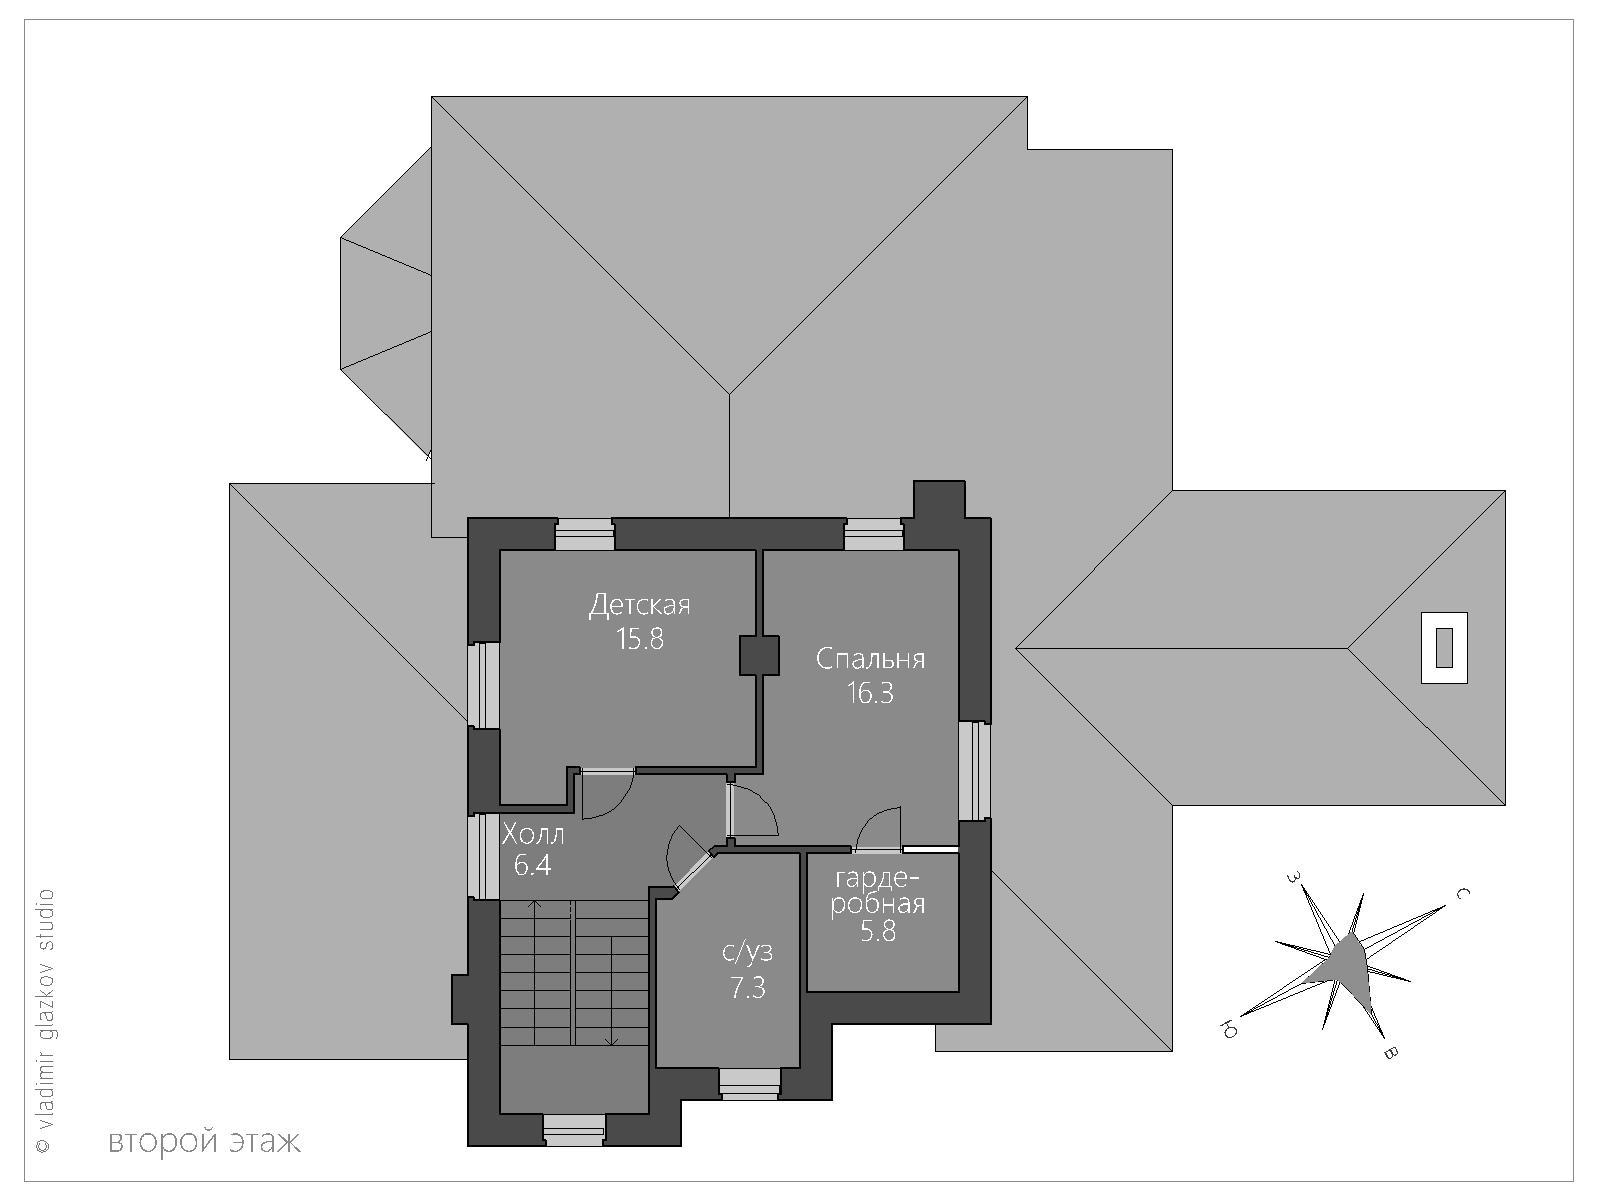 Проект дома в Средиземноморском стиле с террасами панорамными окнами, план 2